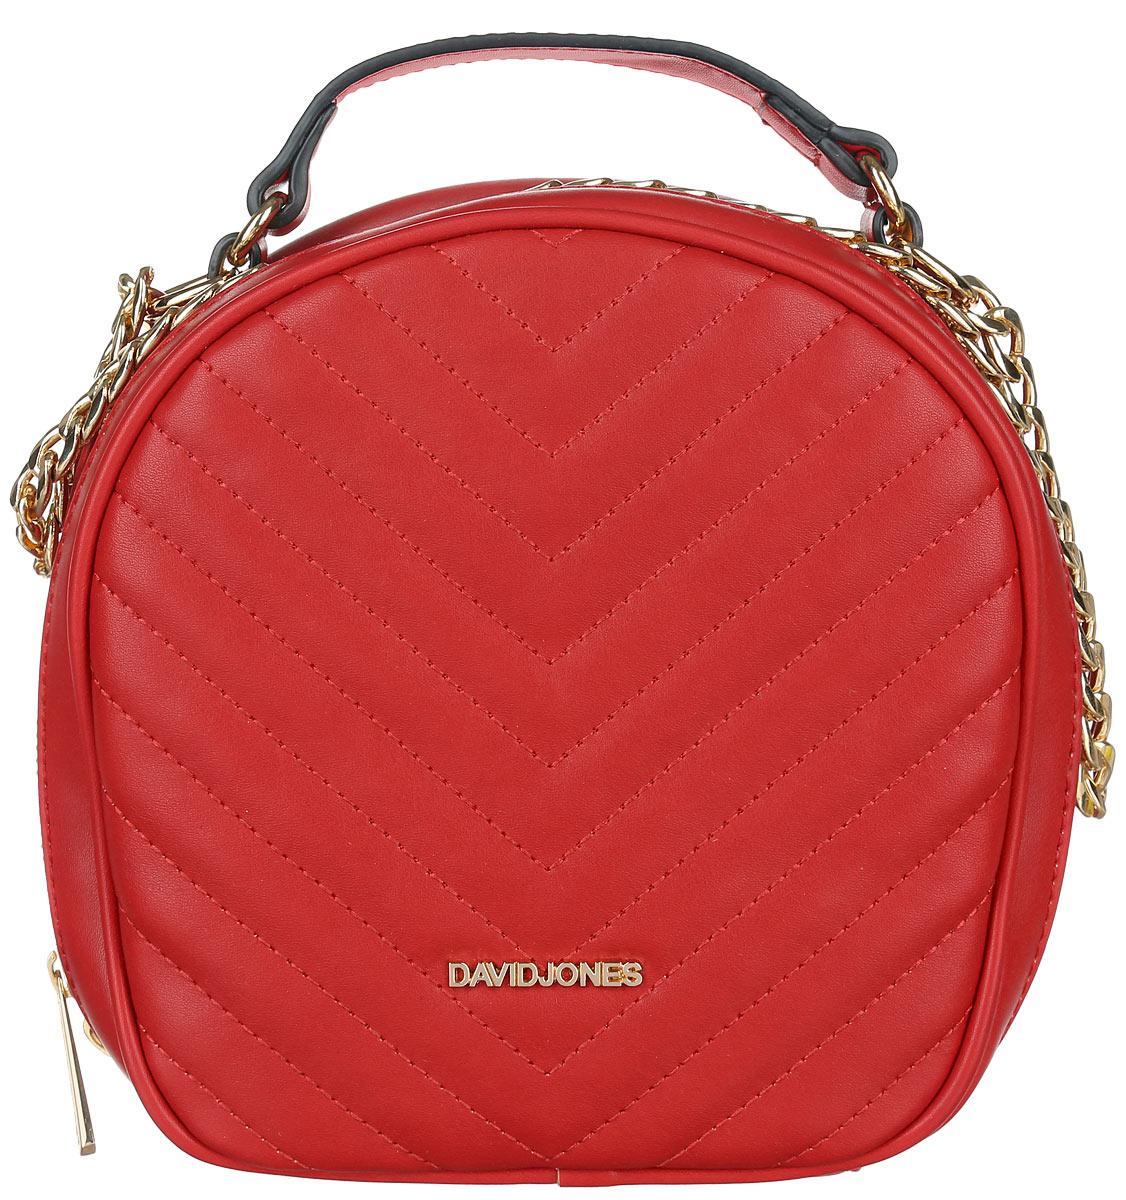 Сумка женская David Jones, цвет: красный. 5001-35001-3 REDСтильная женская сумка David Jones, выполненная из искусственной кожи, оформлена с лицевой стороны декоративной стежкой. Изделие имеет одно отделение, закрывающееся на застежку-молнию. Внутри сумки находятся накладной открытый карман и прорезной карман на застежке-молнии. Снаружи, на задней стенке расположен прорезной карман на застежке-молнии. Сумка оснащена плечевым ремнем в виде цепочки и удобной ручкой. В комплект входит съемный регулируемый плечевой ремень и сумка-чехол для хранения. Модная сумка идеально подчеркнет ваш неповторимый стиль.